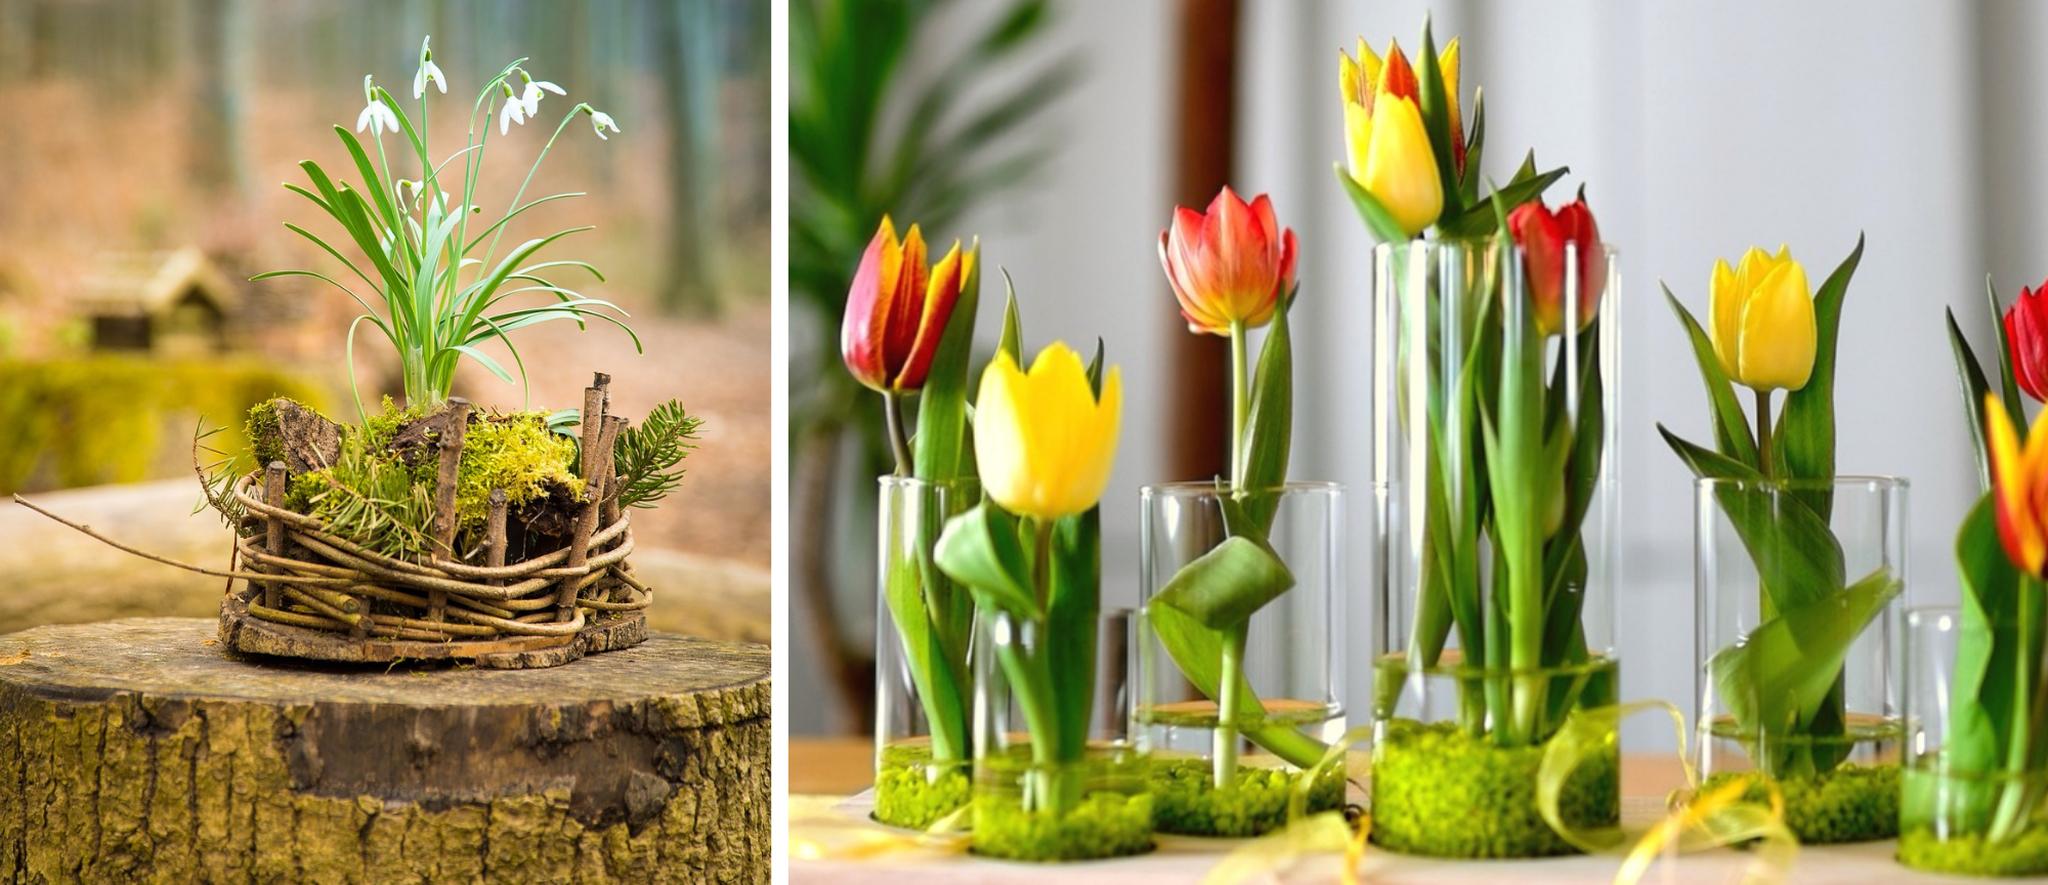 mech w szkle tulipany